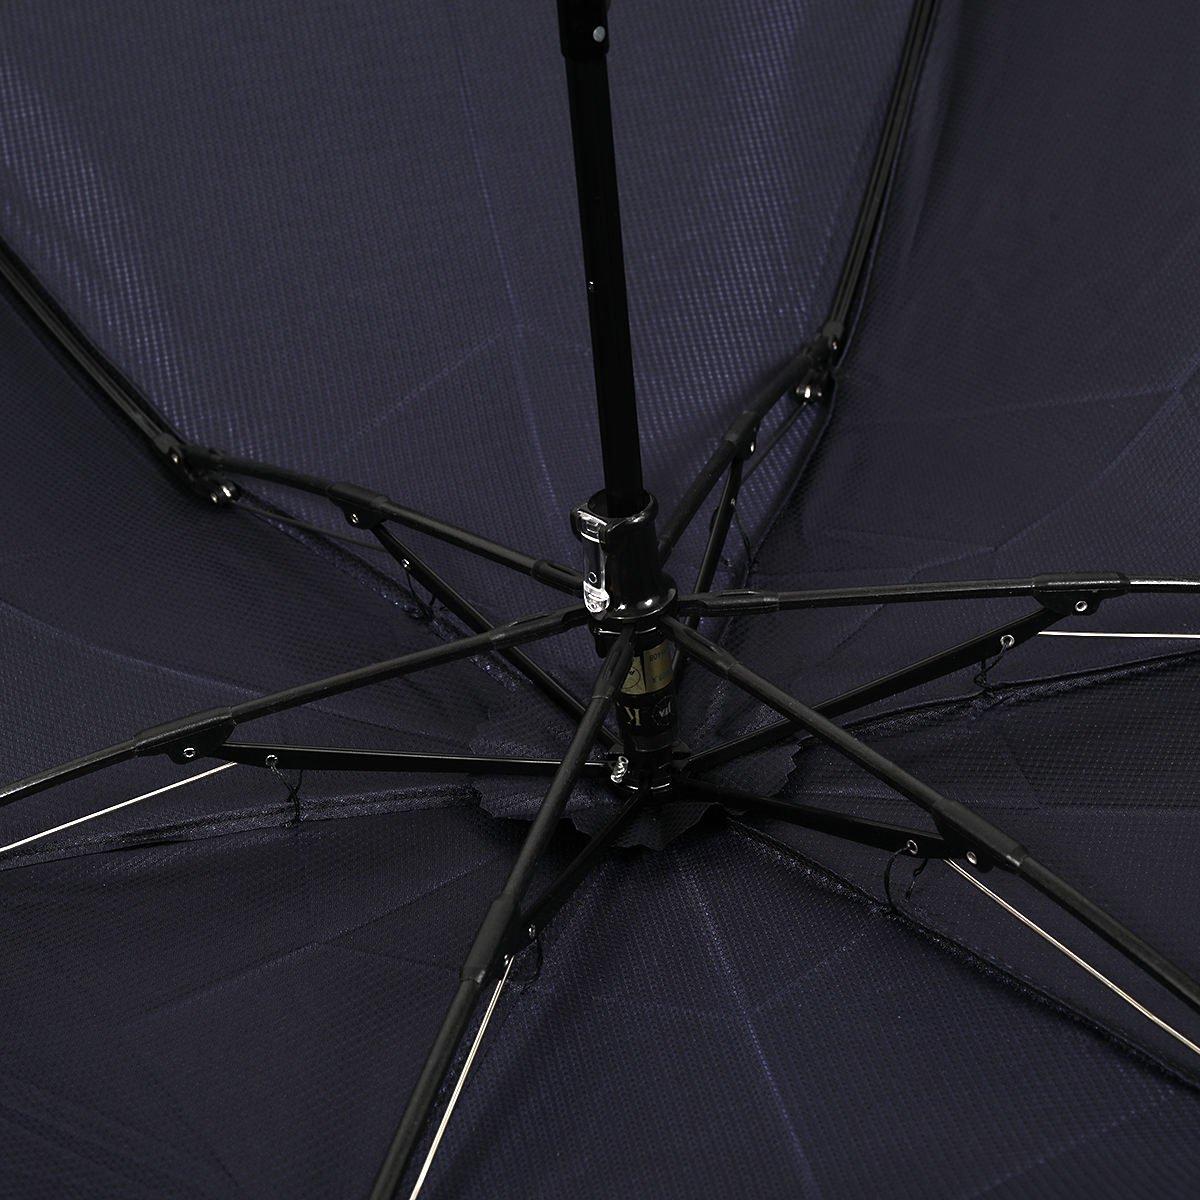 【セール】ミニ フラット ジャガード トビー 折りたたみ傘 詳細画像6